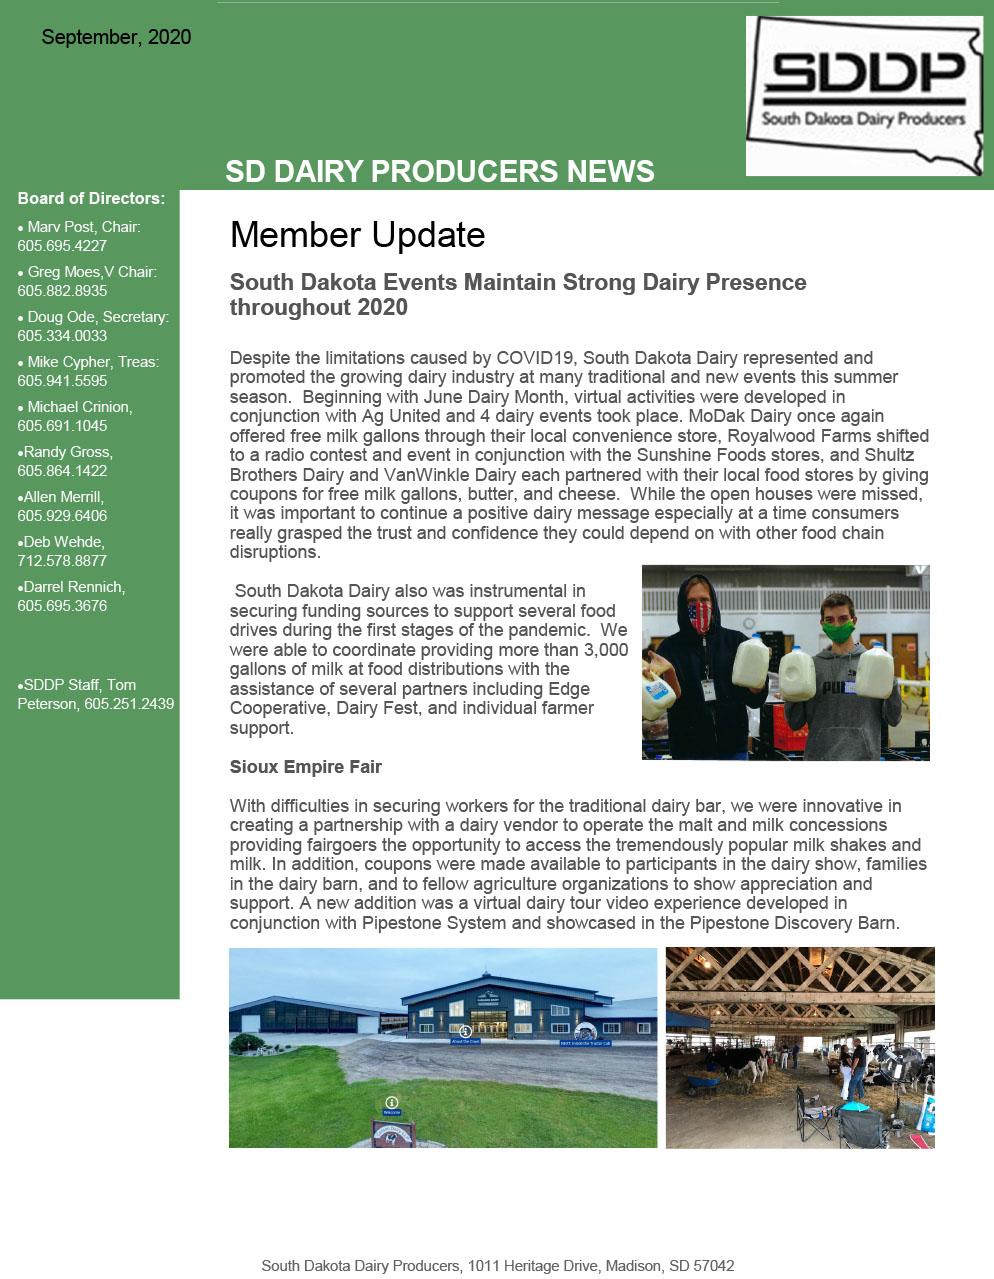 SDDP Member Newsletter September 2020